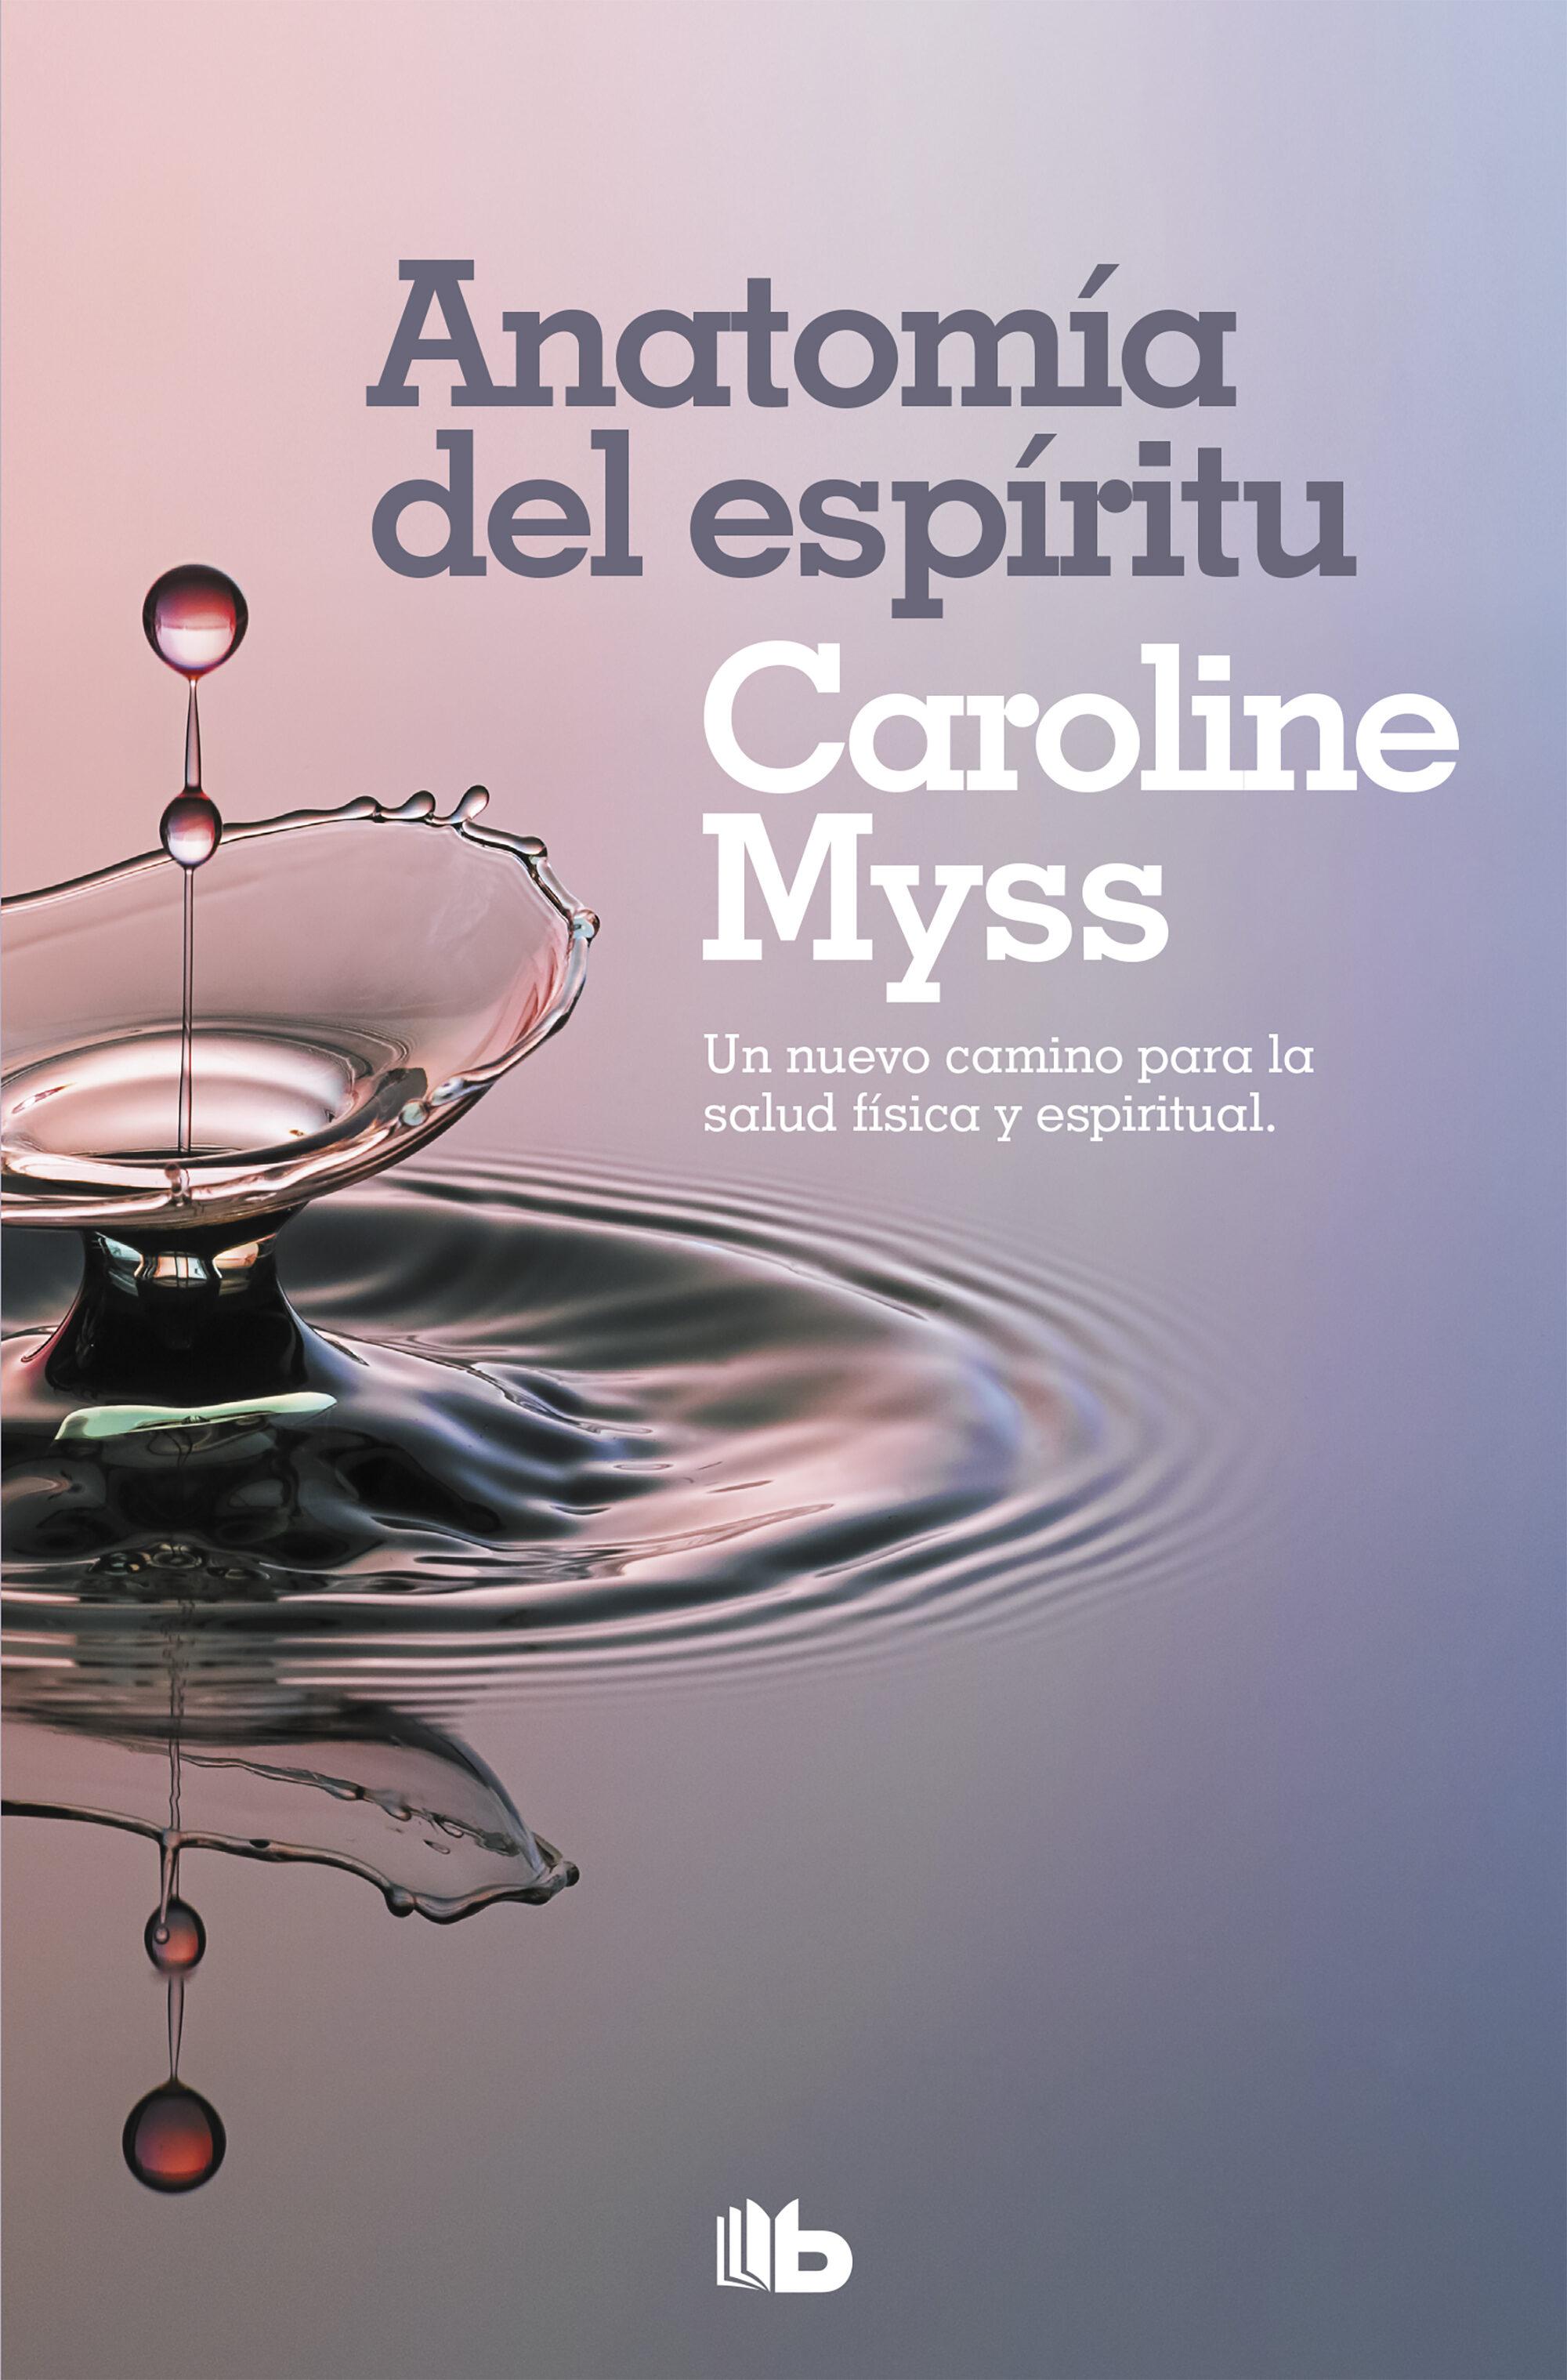 Anatomia do Espírito de Caroline Myss – note! Online